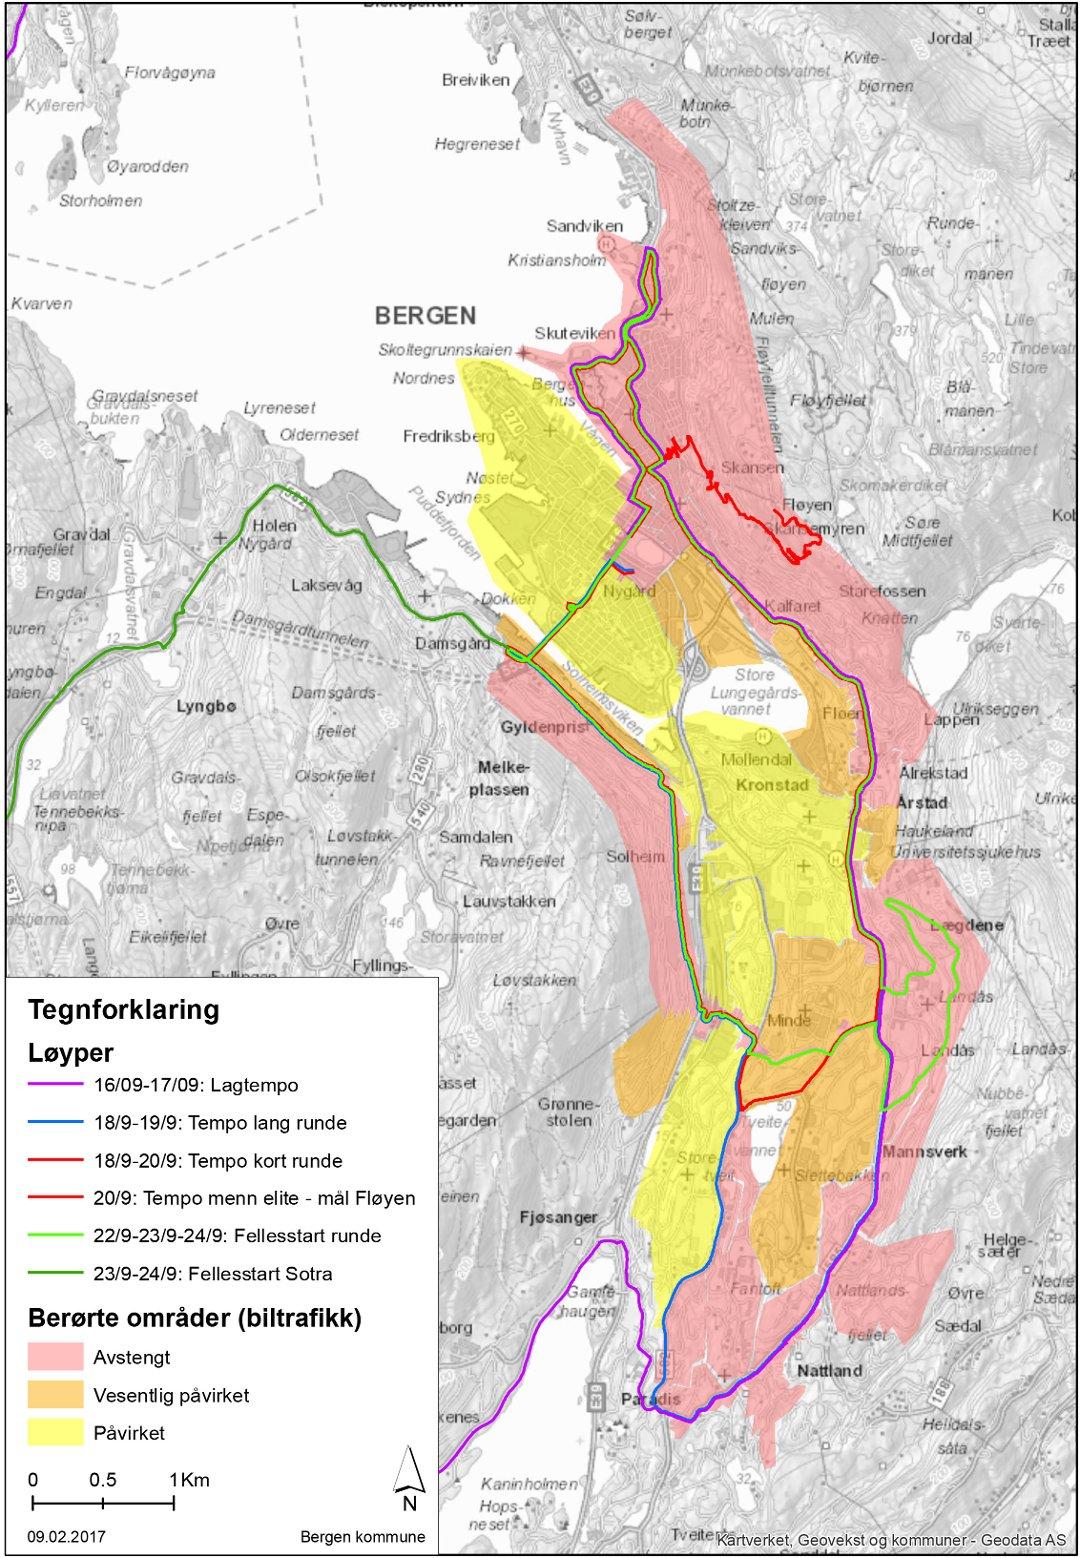 kart over stengte veier Bergensavisen   Slik stenges Bergen ned i ti dager kart over stengte veier